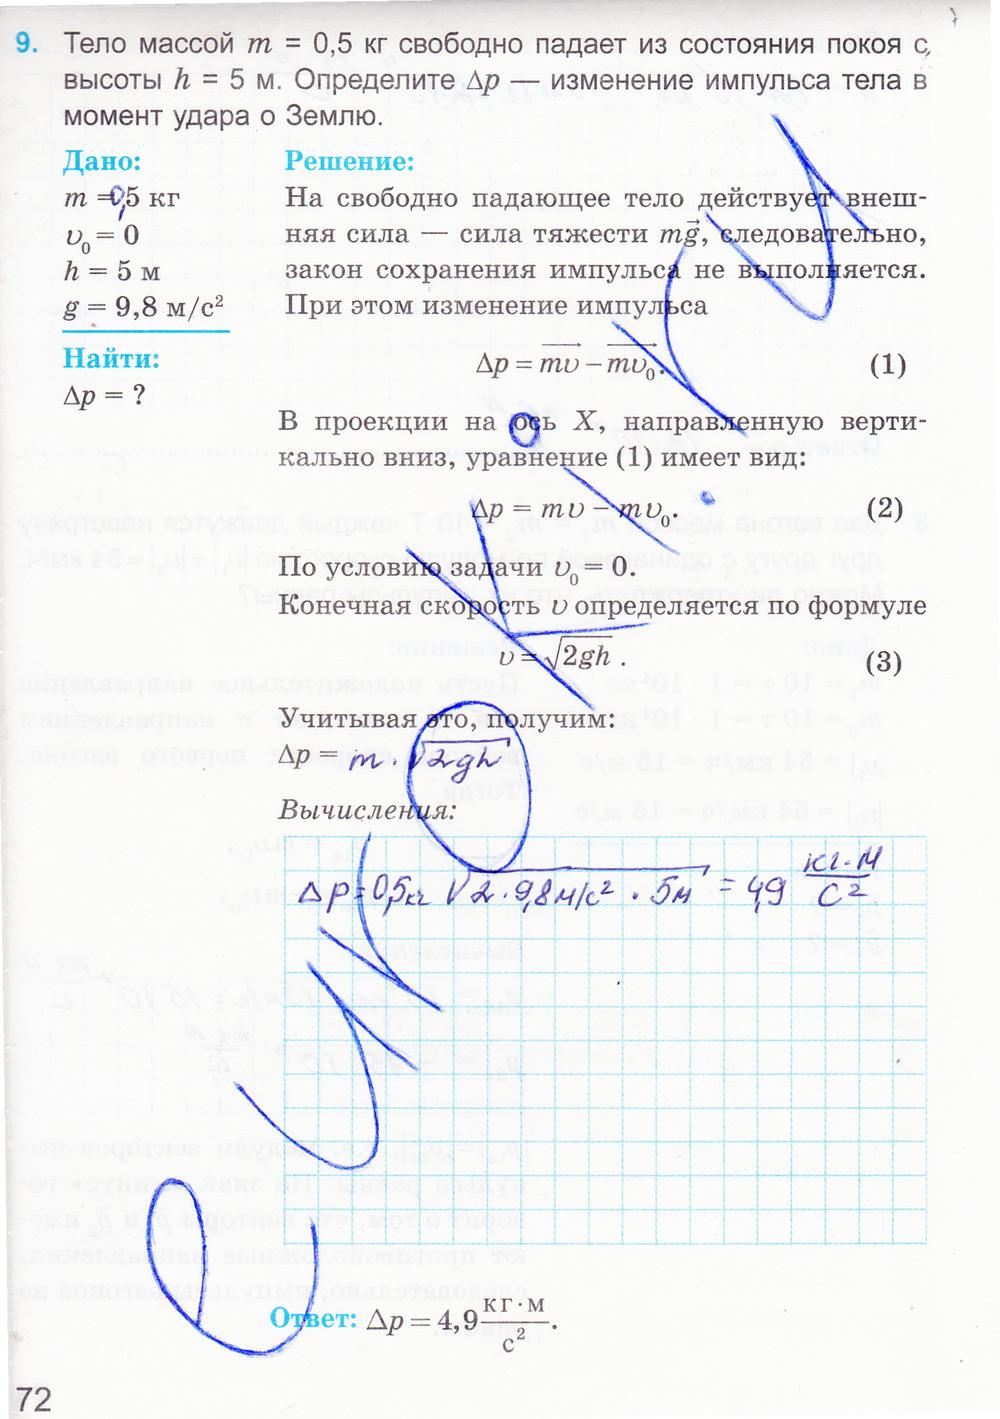 гдз по физике в рабочей тетради 9 класс гутник